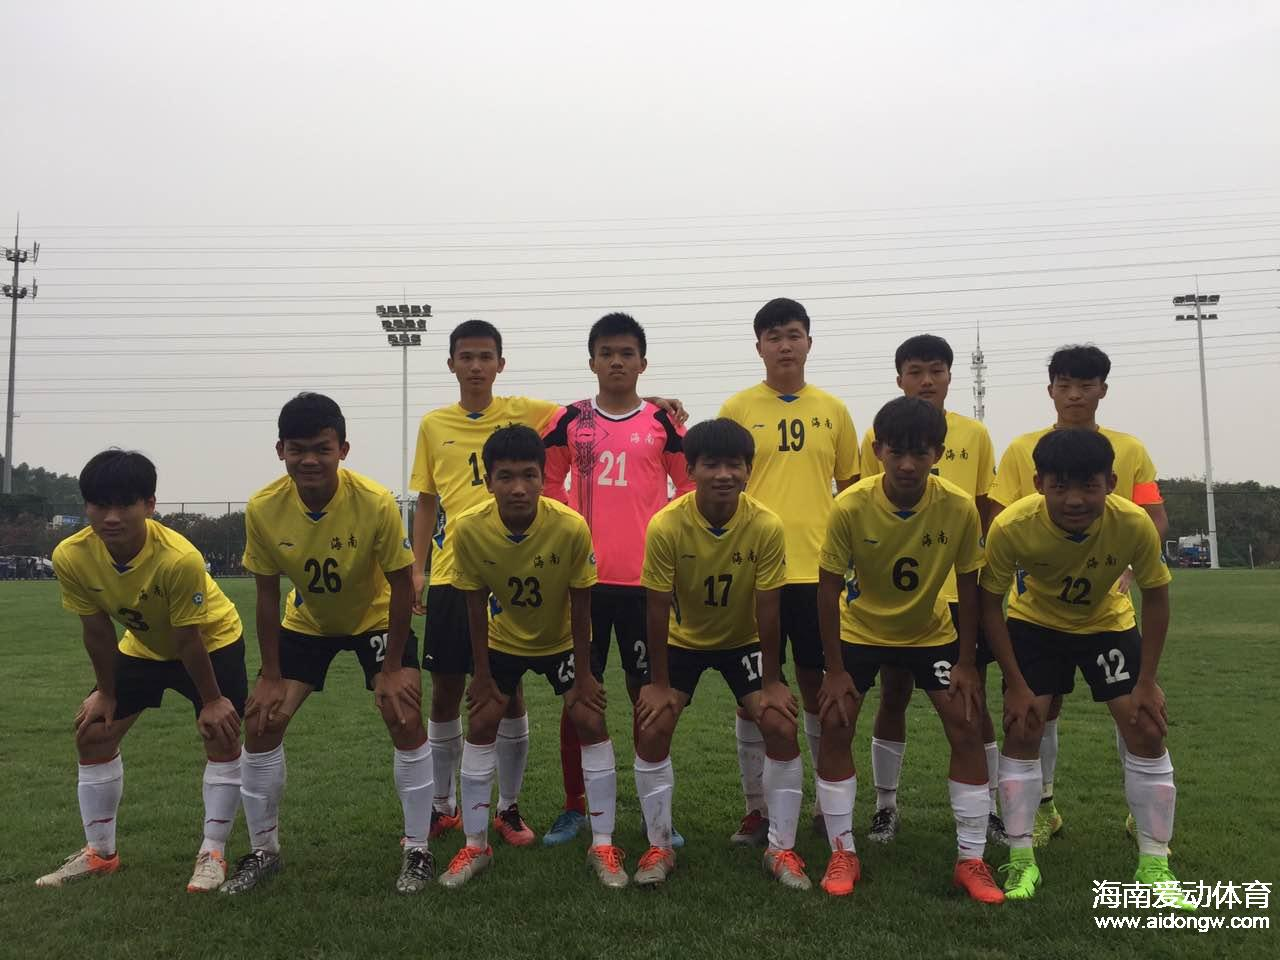 全运会男足U18预赛:海南队1:3负香港队 四战尽墨无缘晋级